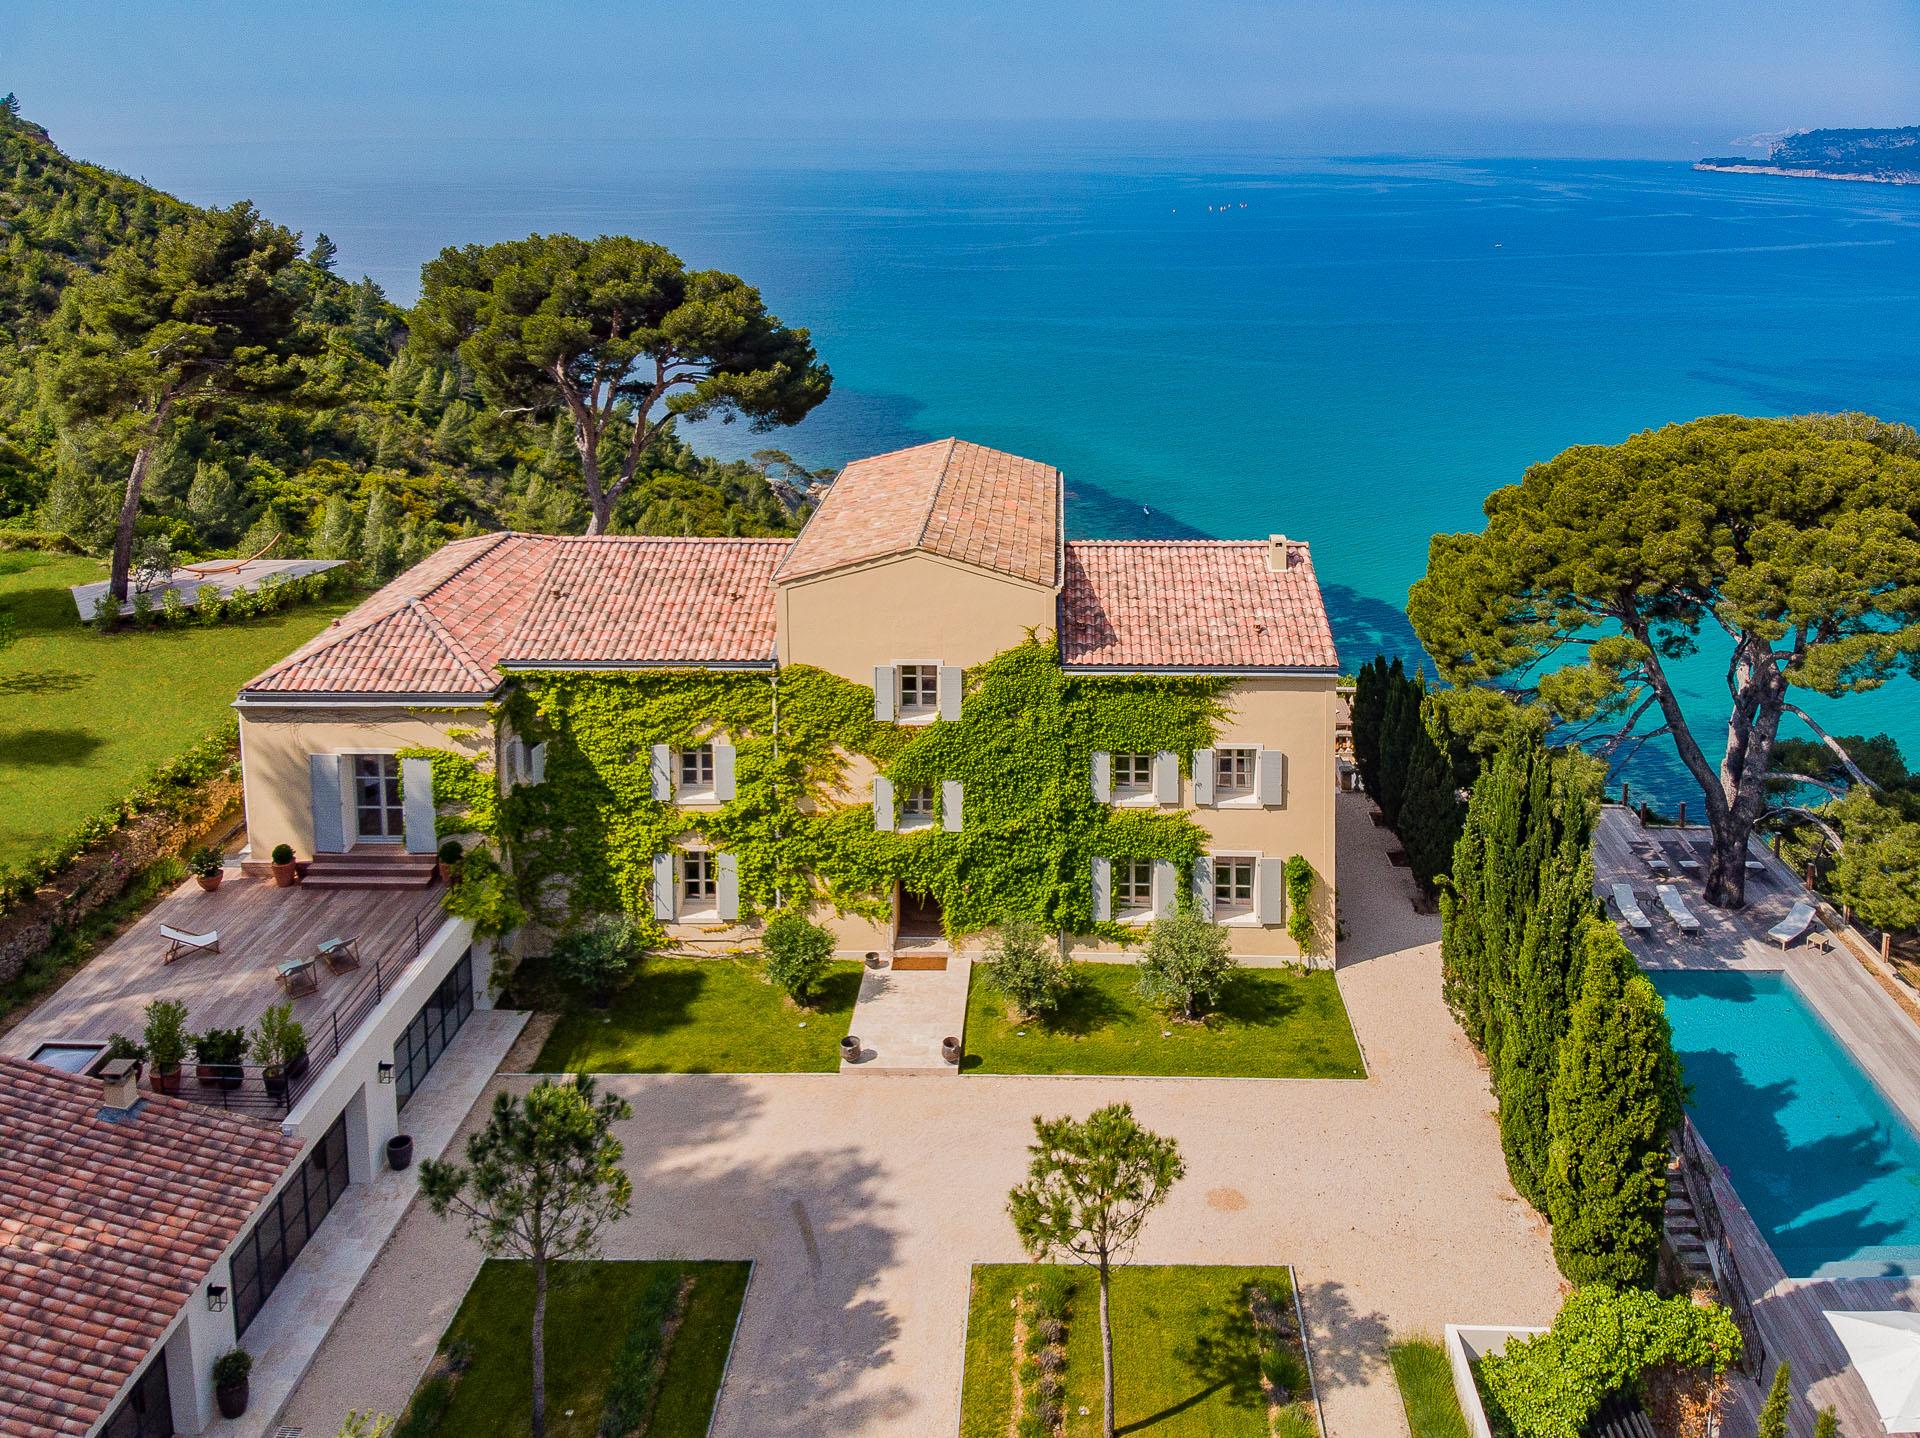 Villa Cana - Onefinestay